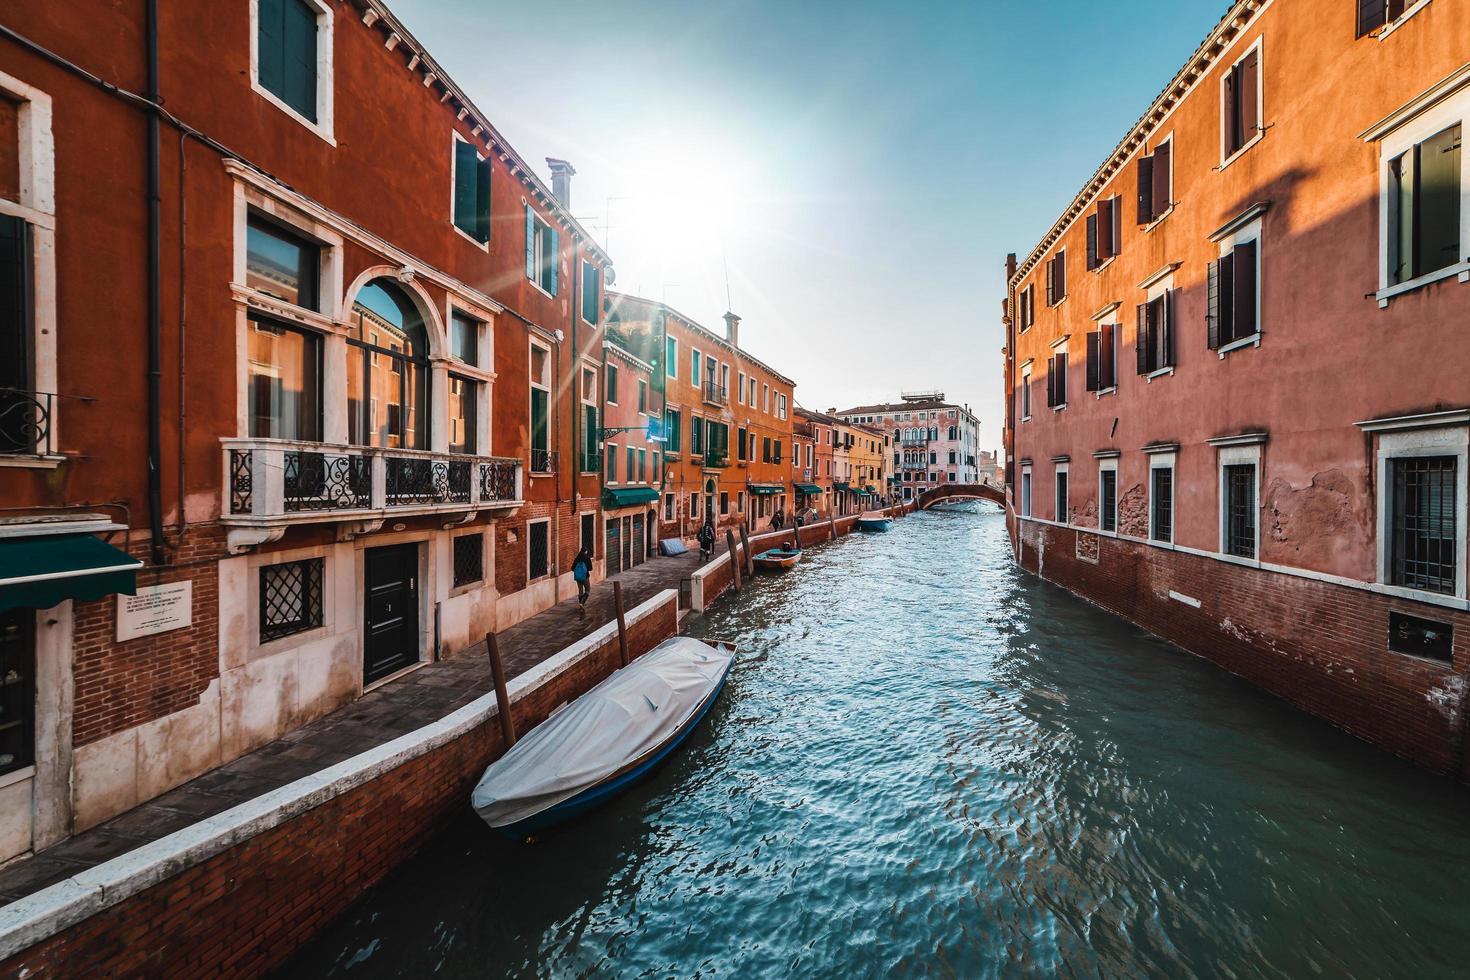 un canal de venecia foto